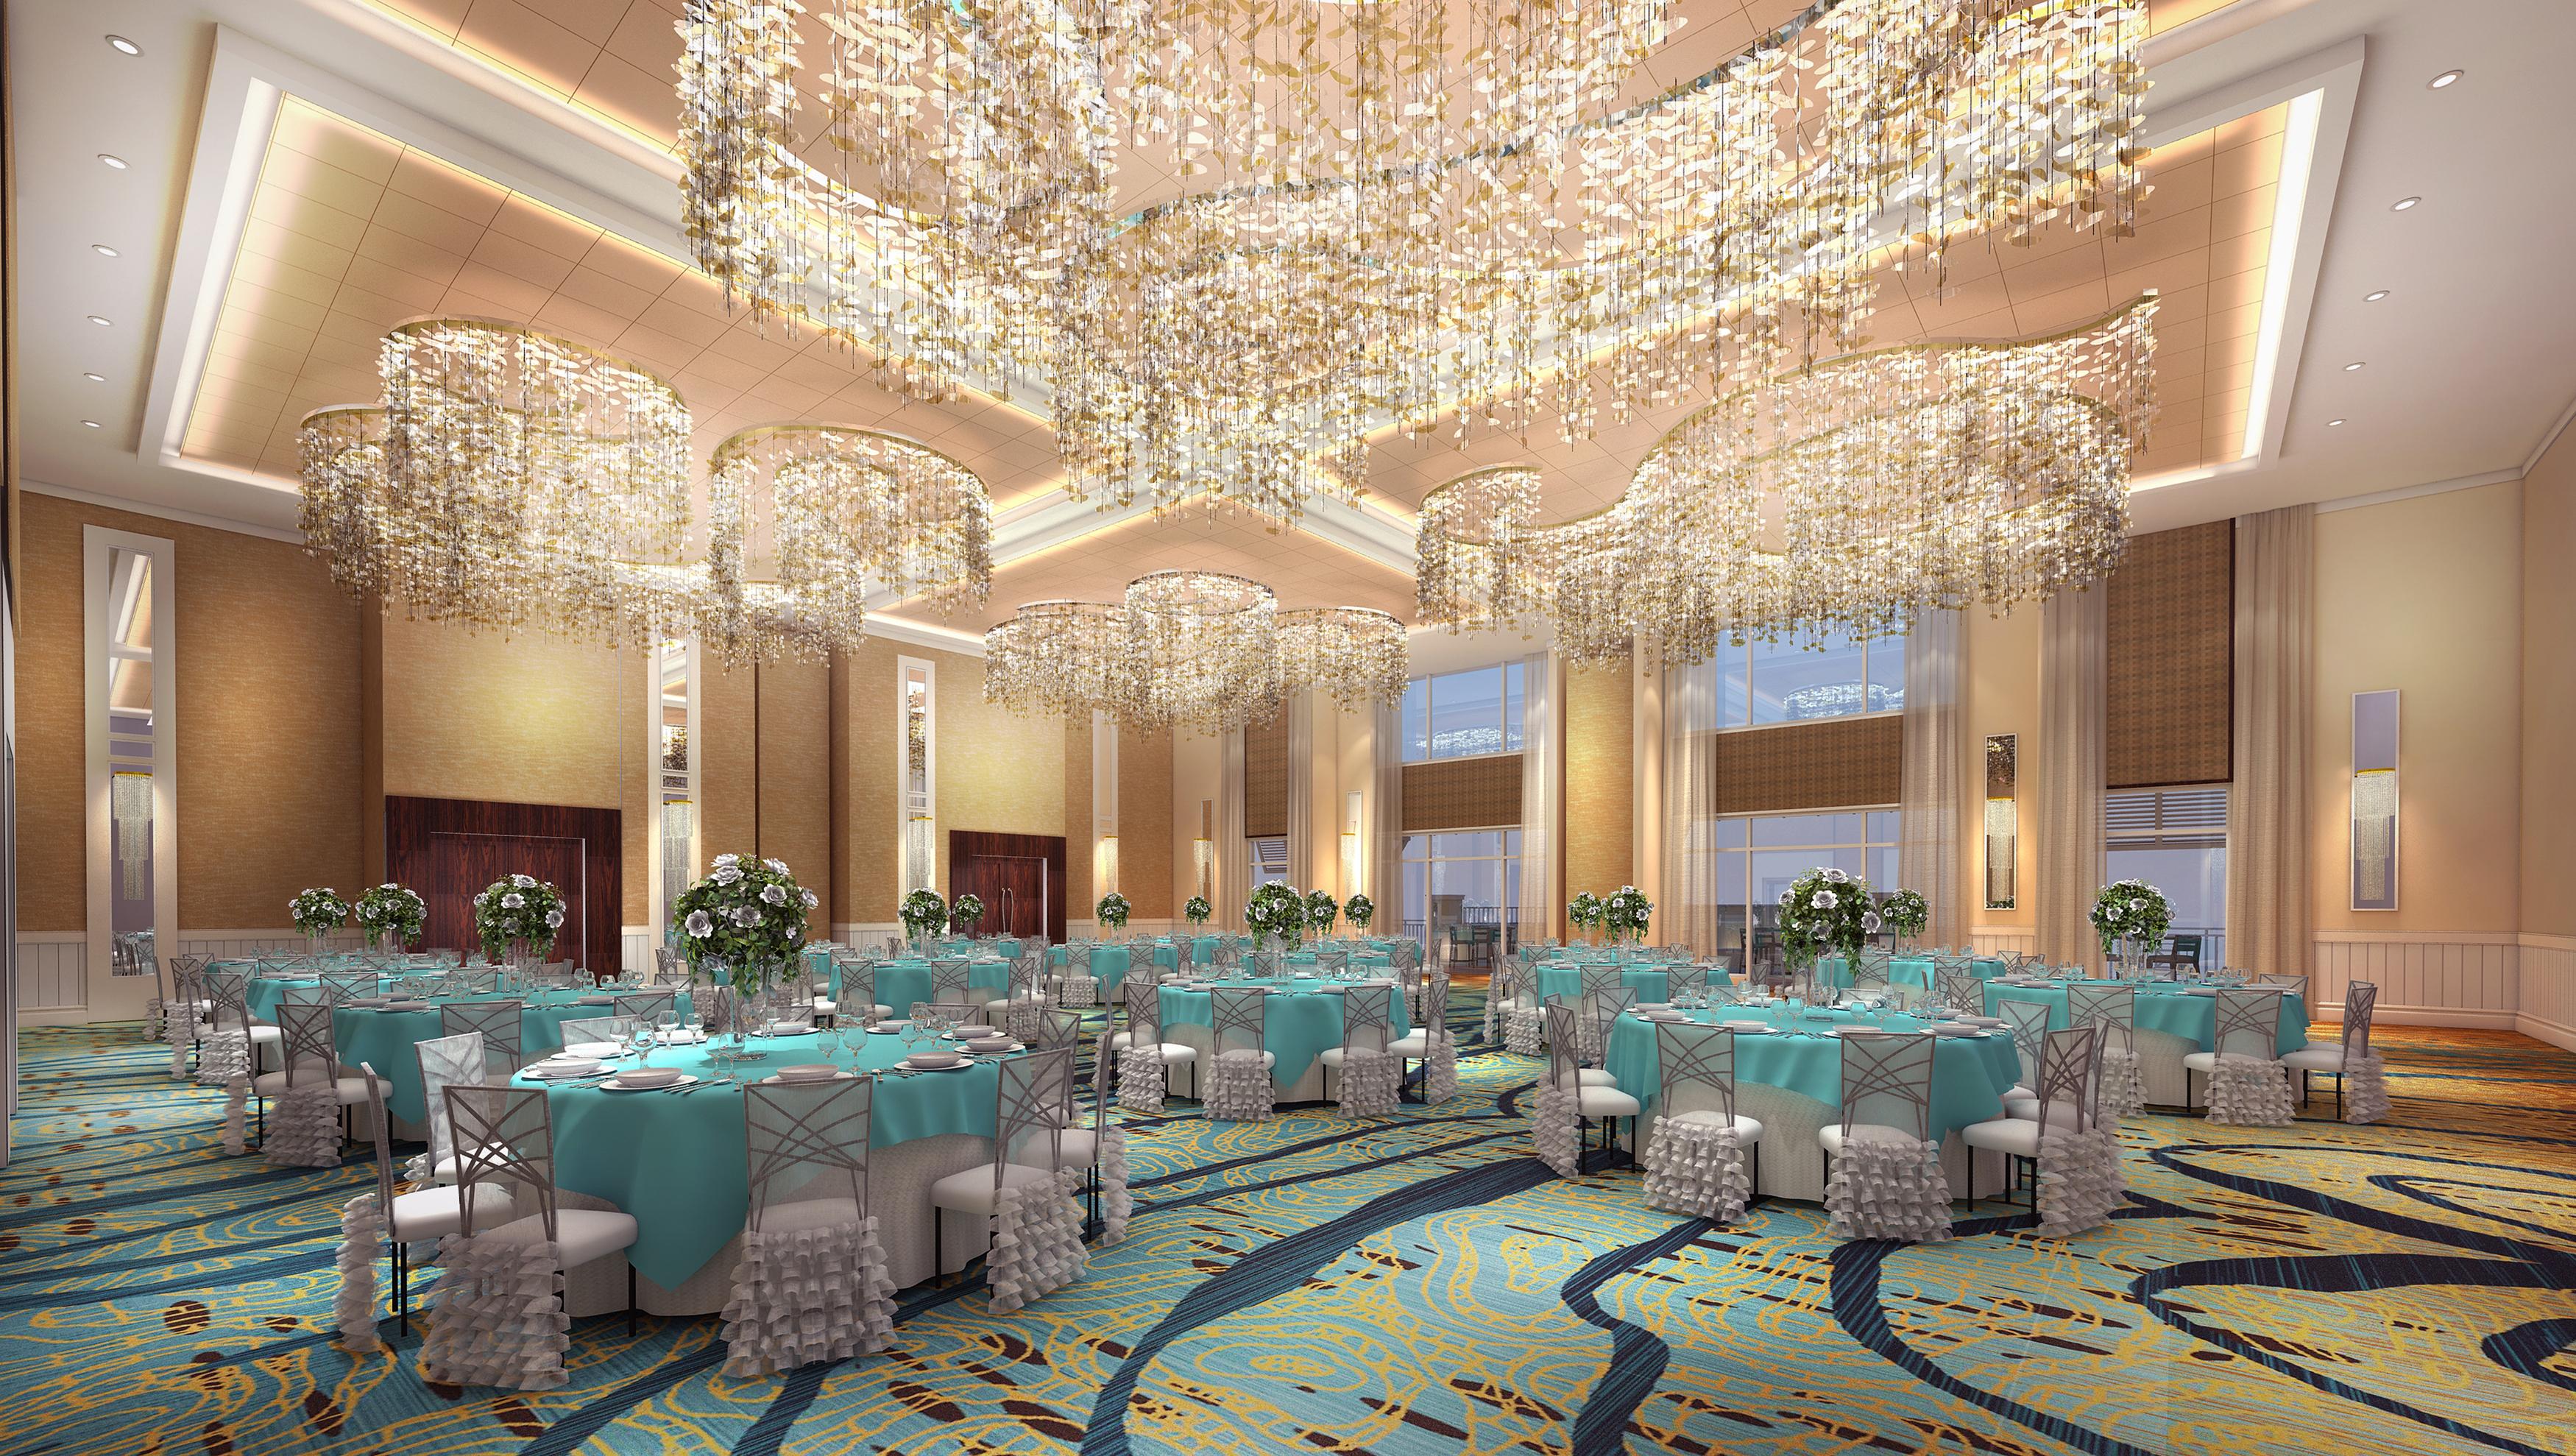 Hotel Ballroom 3D Rendering Miami